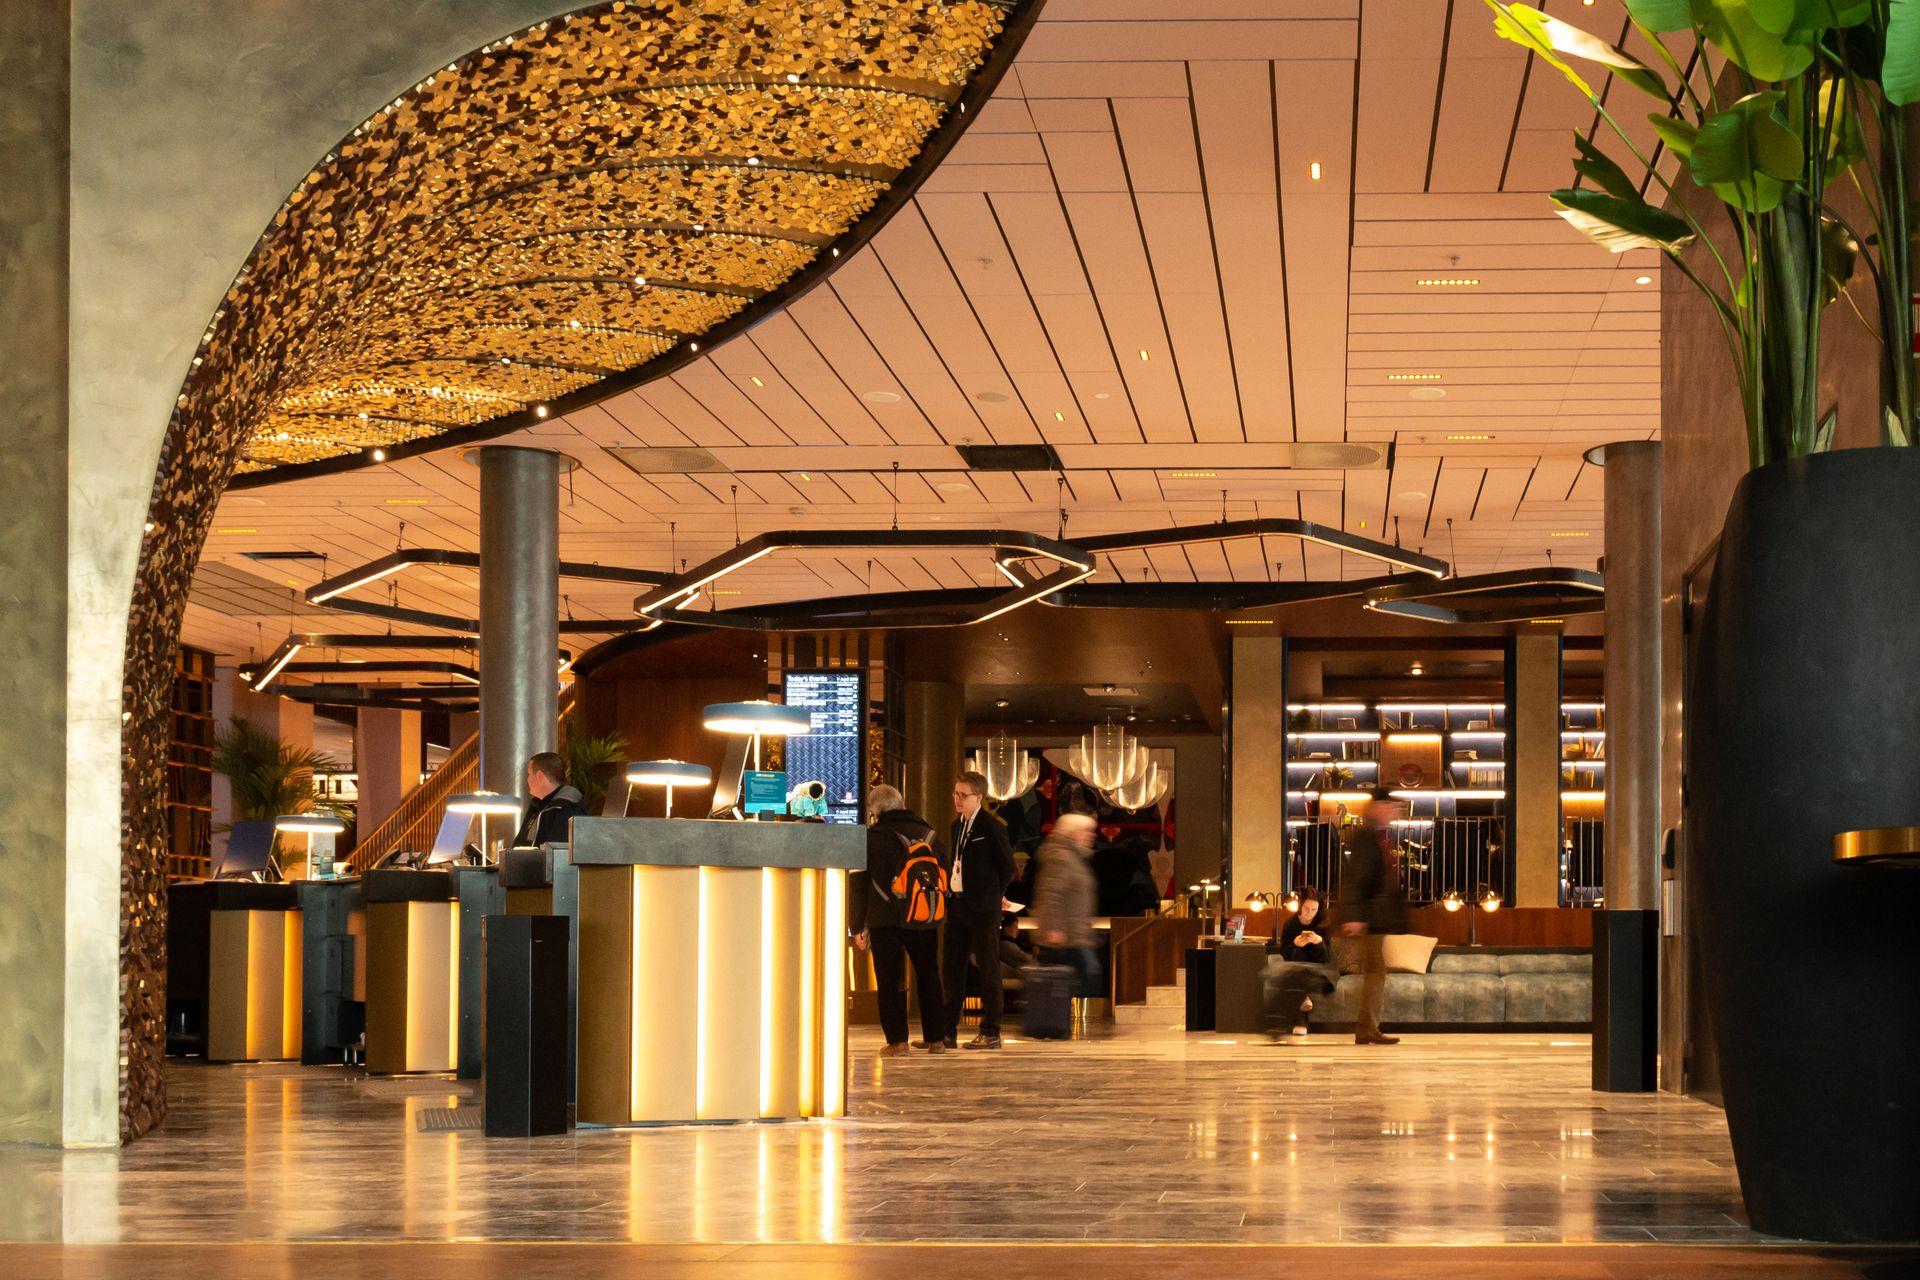 Resepsjonsområdet til et hotell kan være preget av mye støy. Elegante himlingsløsninger sørger for både god akustikk og estetikk.